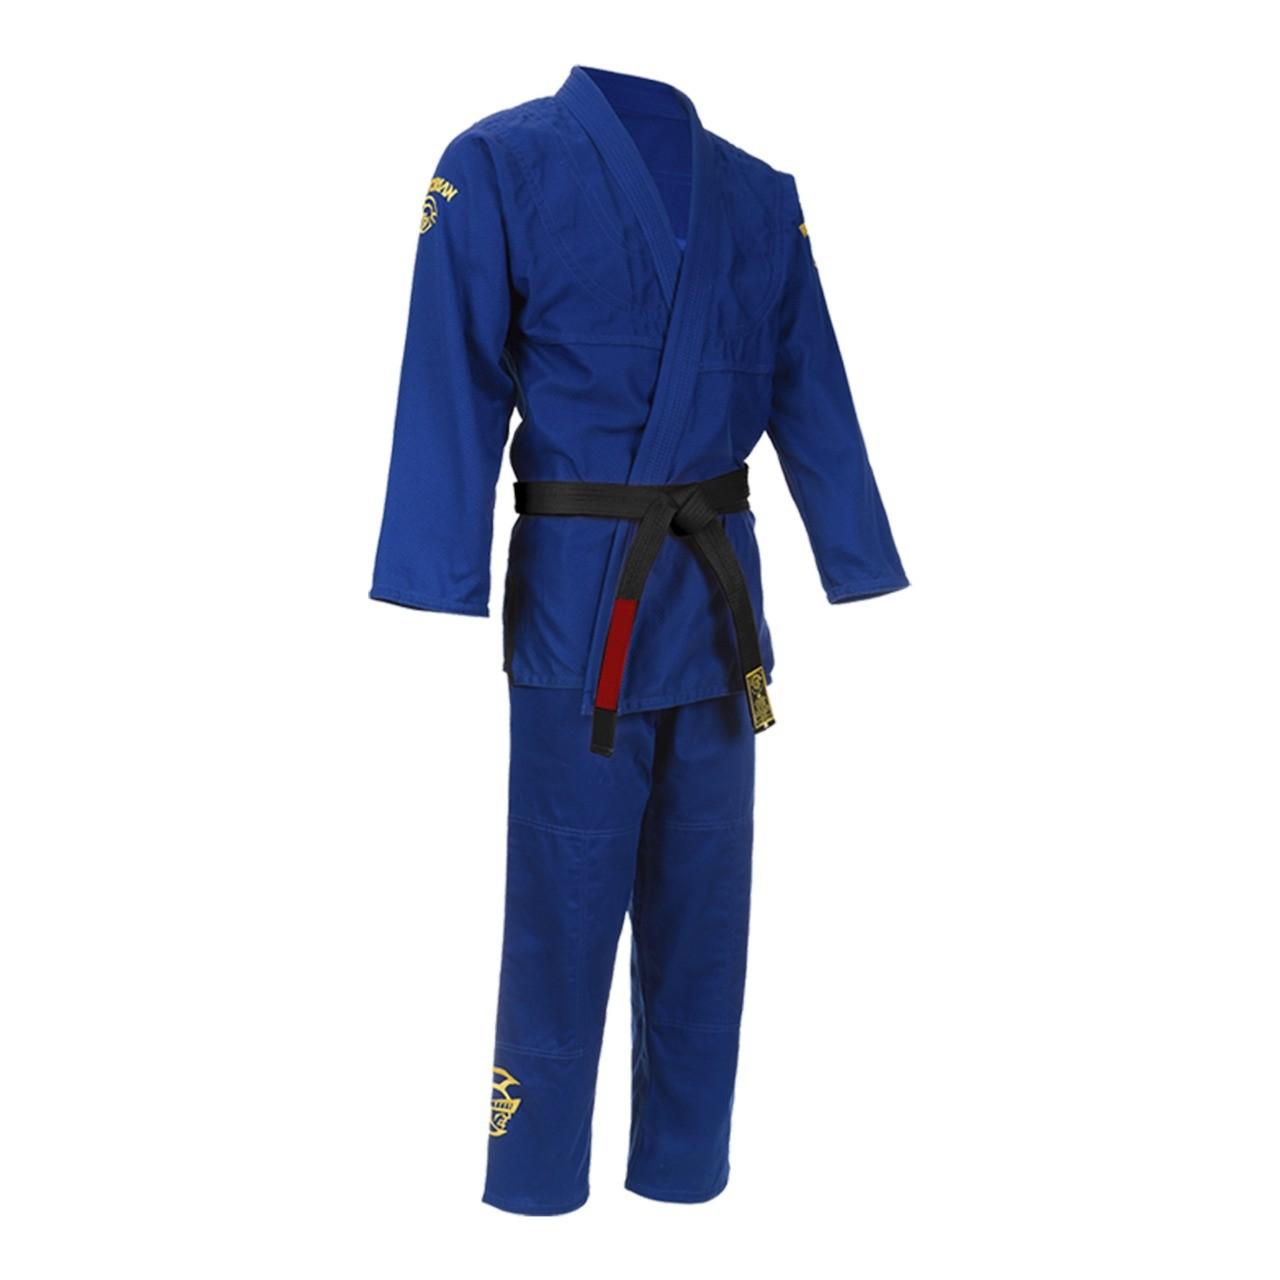 Kimono Pretorian Elite Training Azul Royal